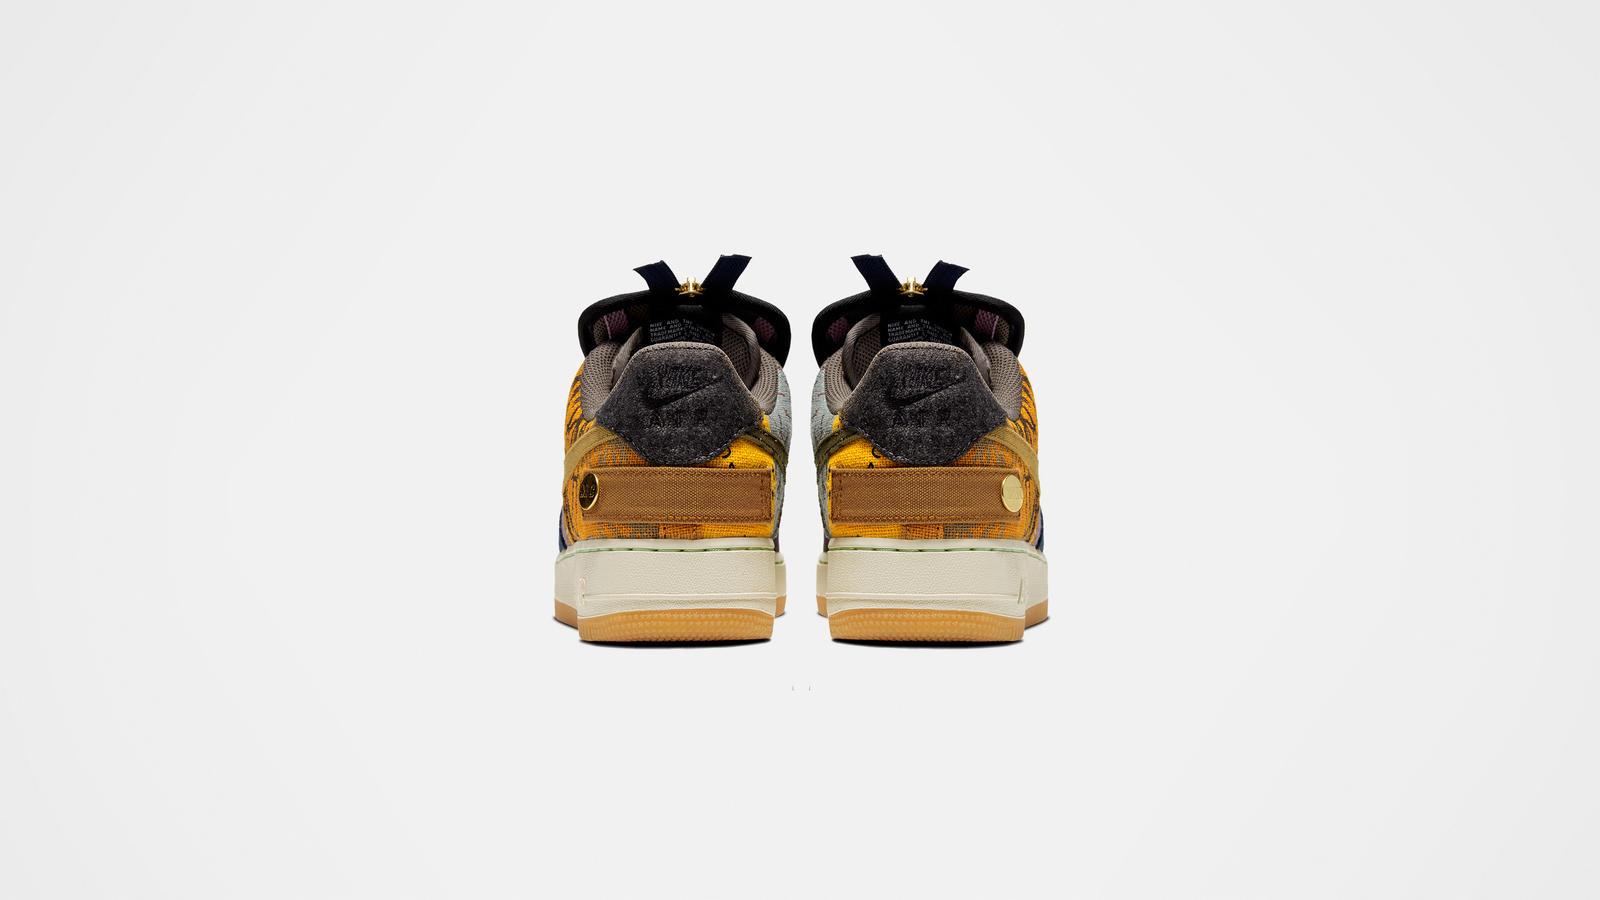 Travis Scott x Nike Air Force 1 Low Cactus Jack Heel Tab